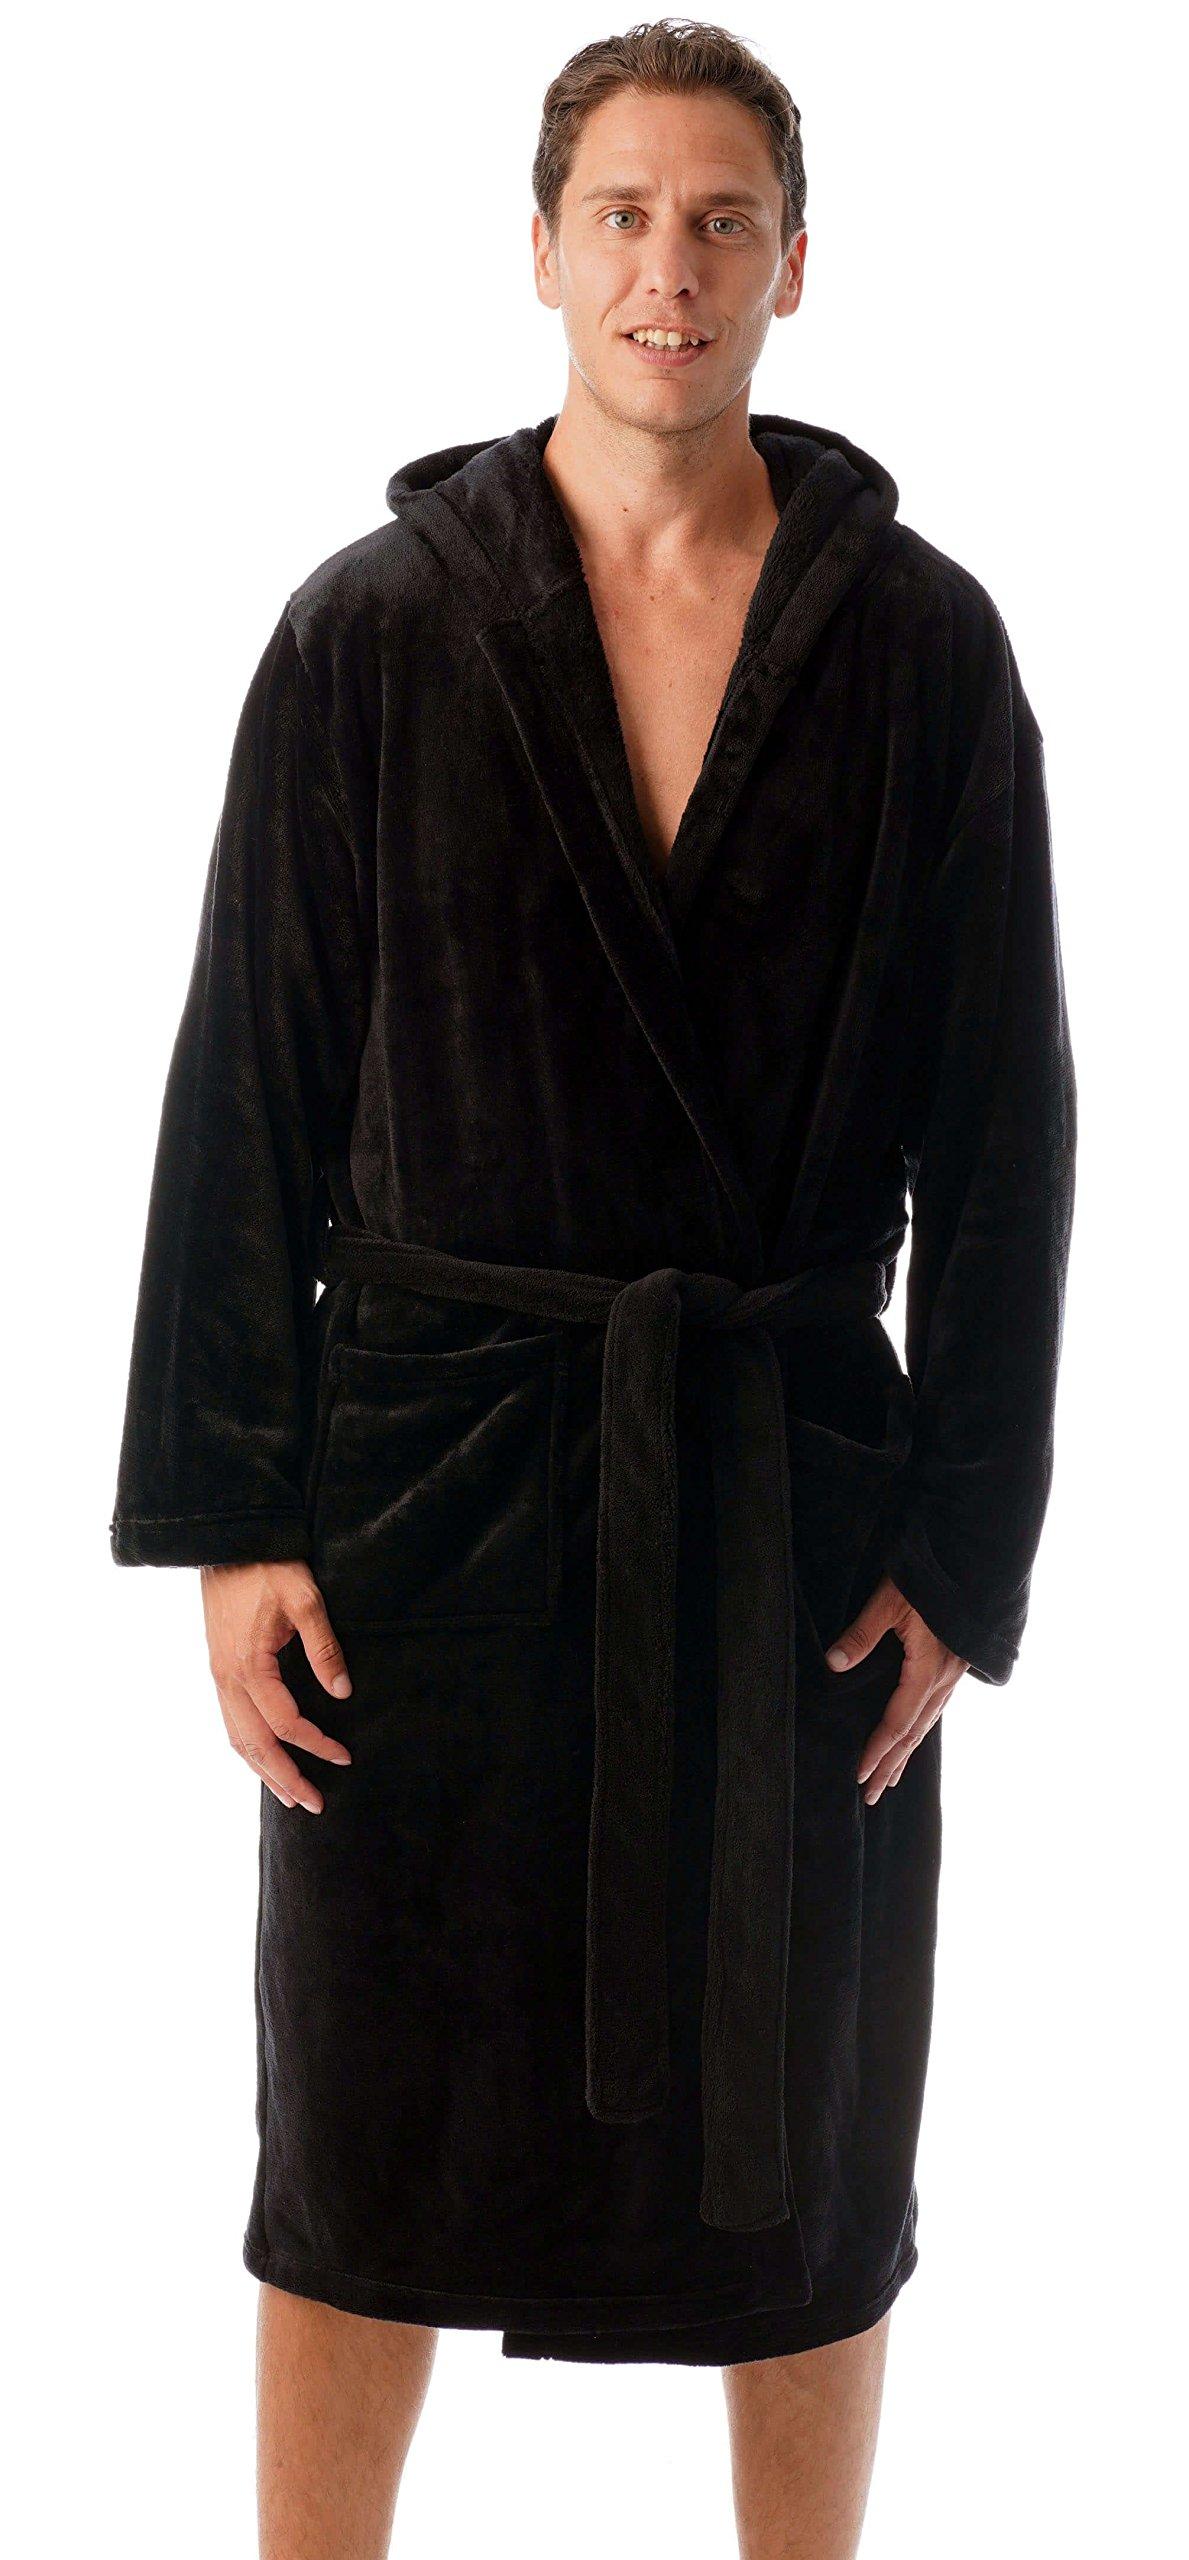 #followme Ultra Soft Velour Robe Robes Men 46904-BLK-L by #followme